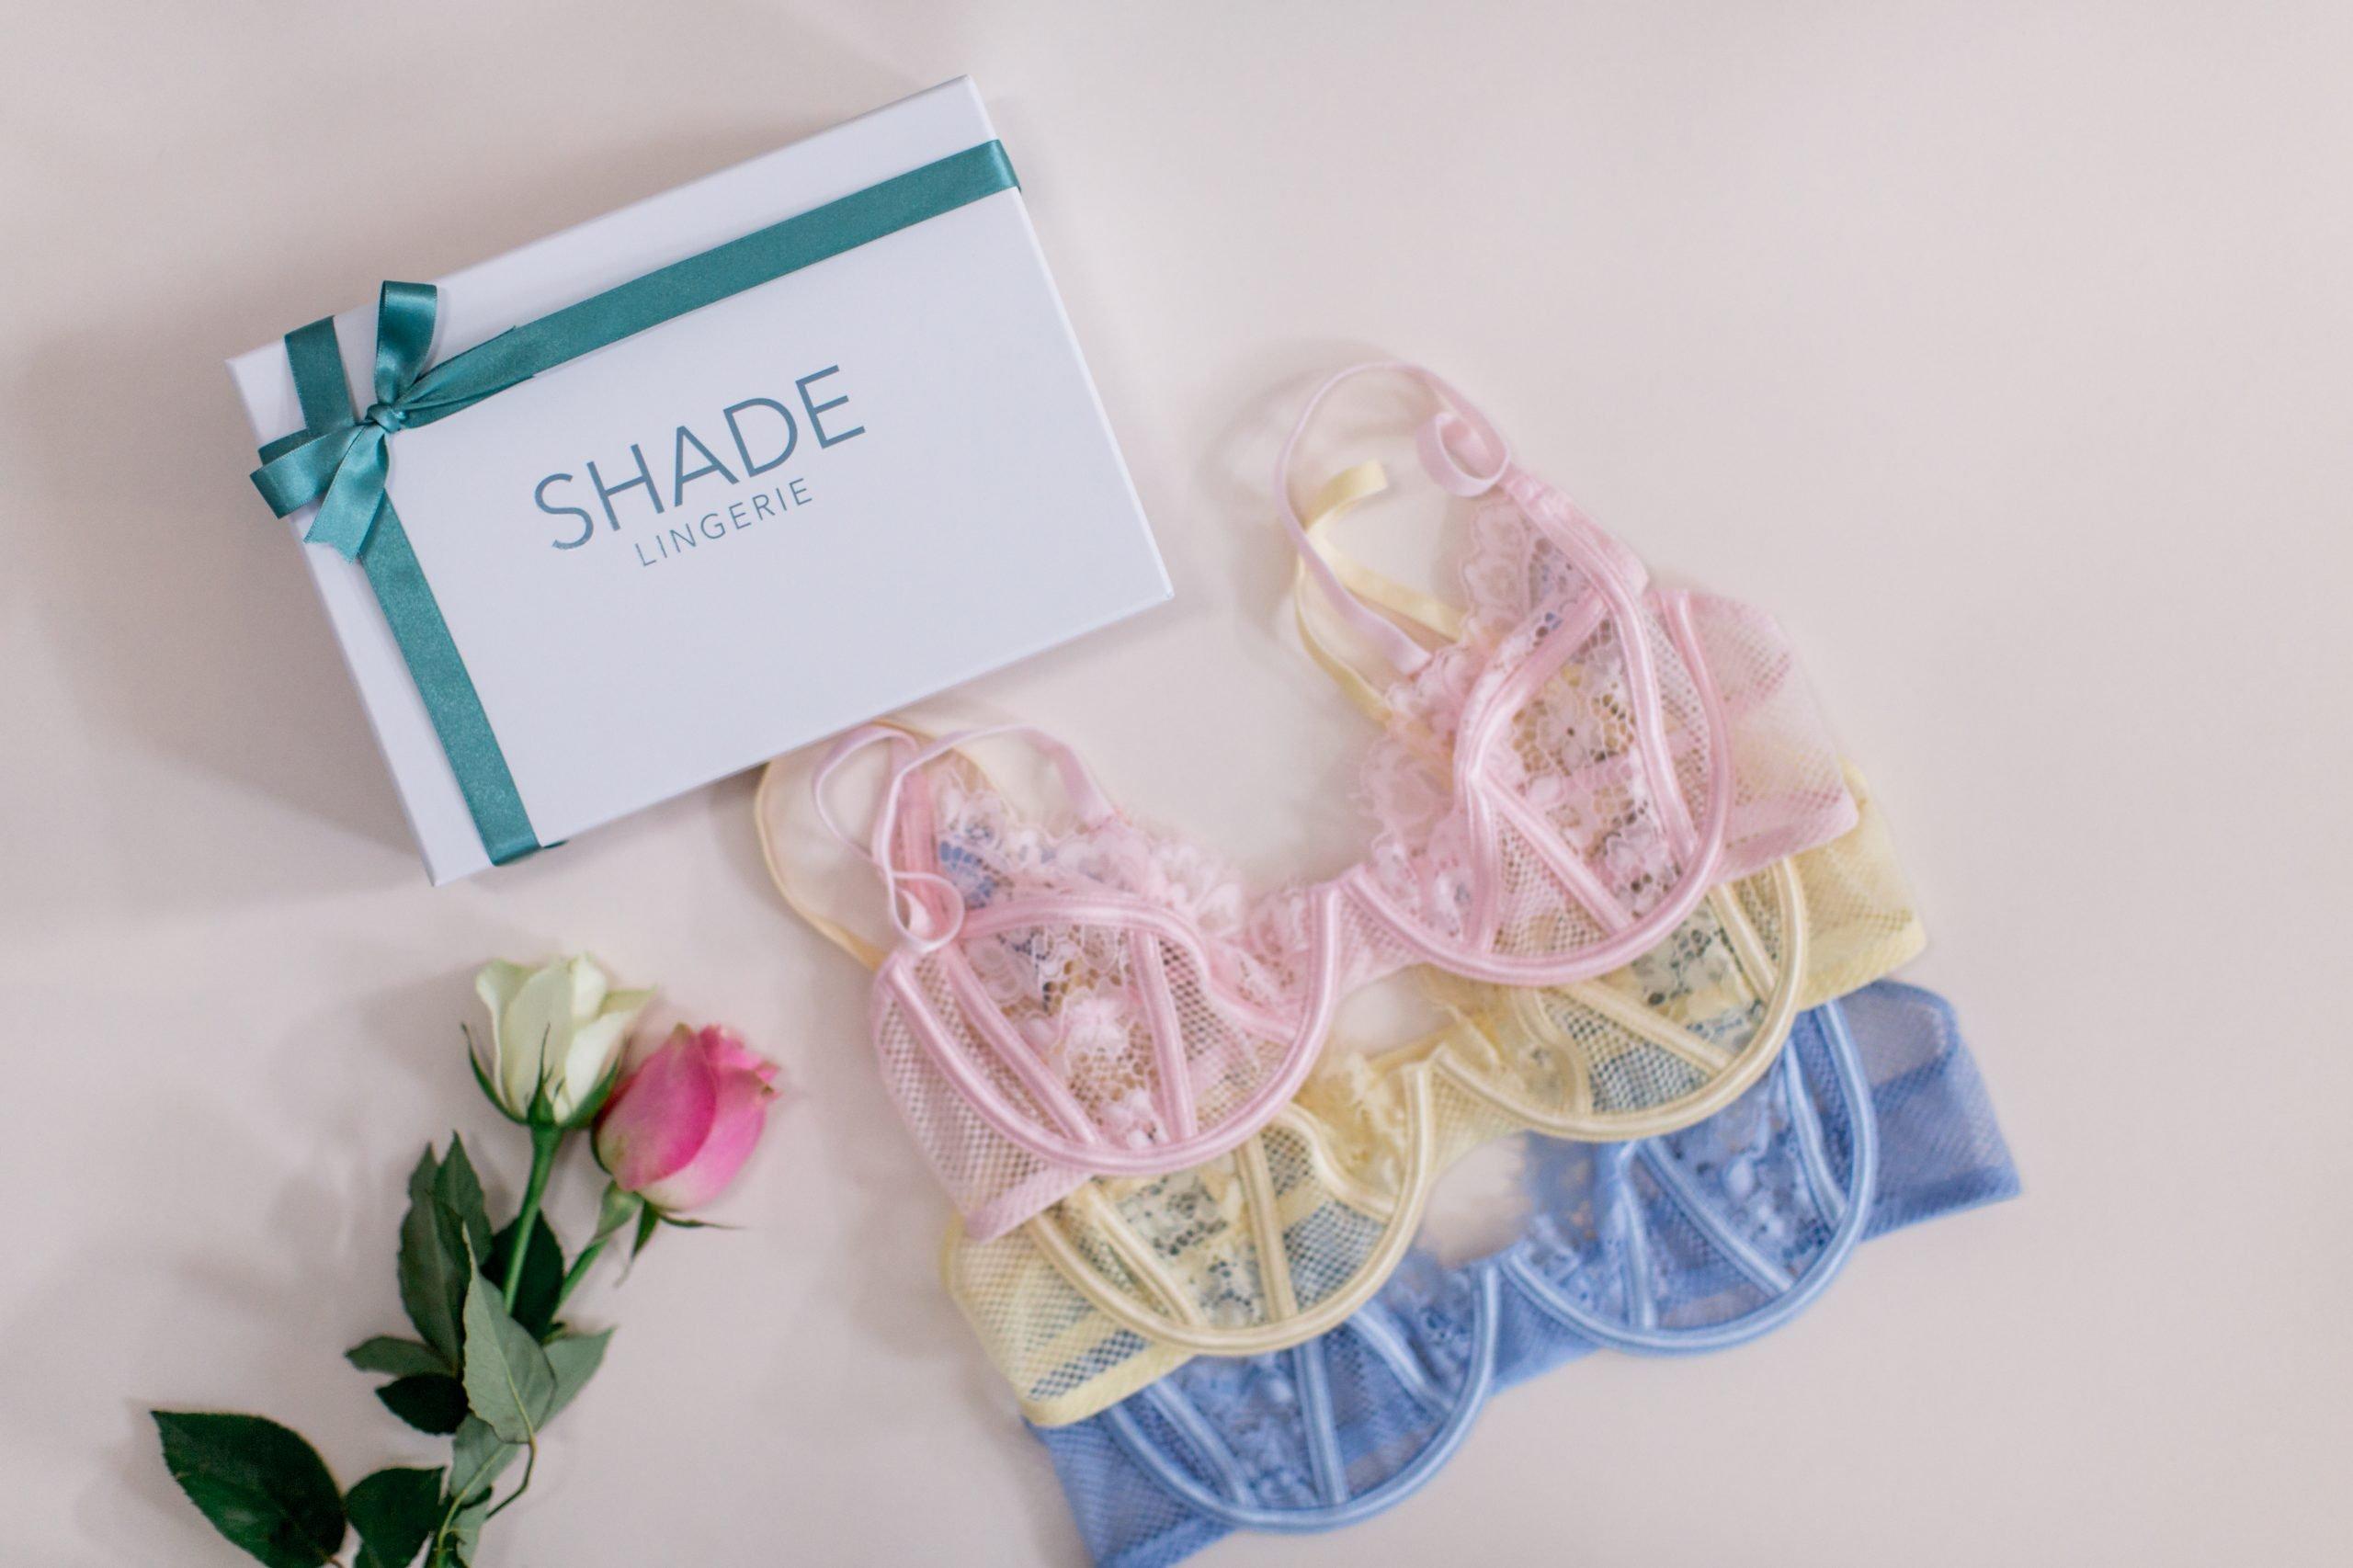 Shade Lingerie Bra Set